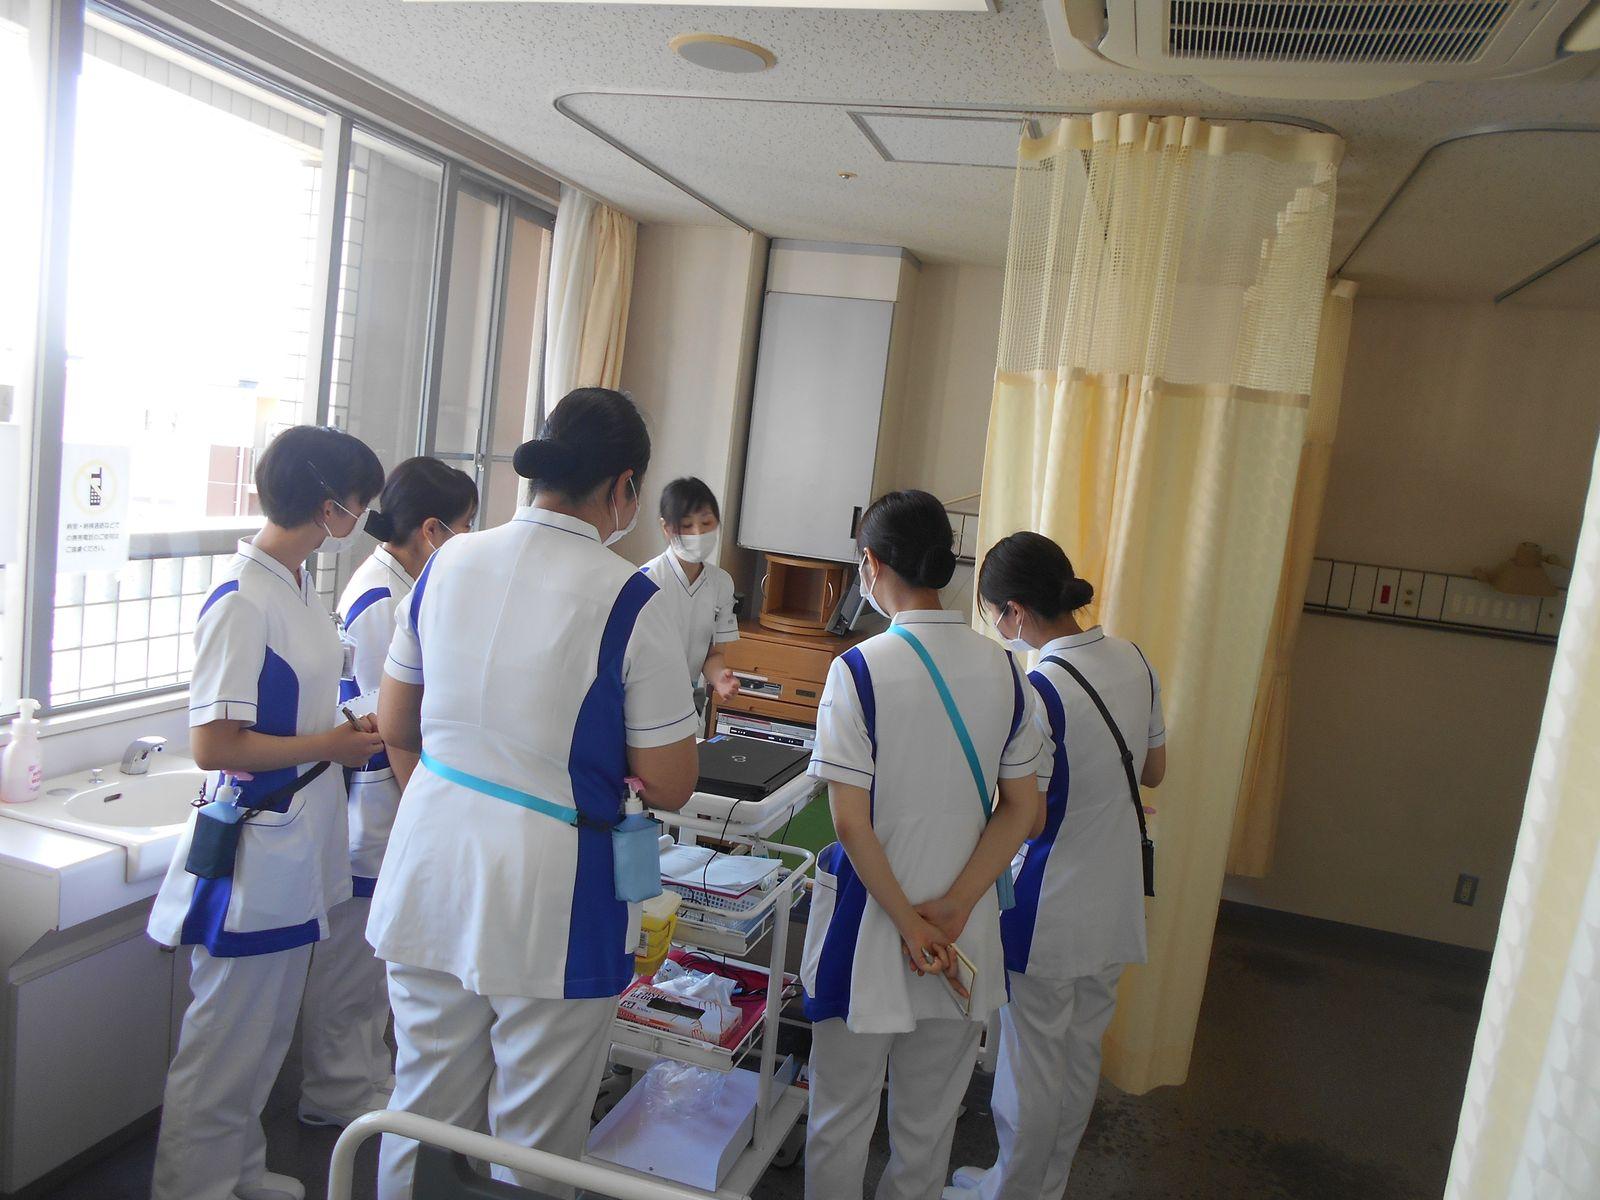 「病室に入る時の手洗いのタイミングは?」 教育担当主任と感染管理認定看護師が、細かいところまで教えています。